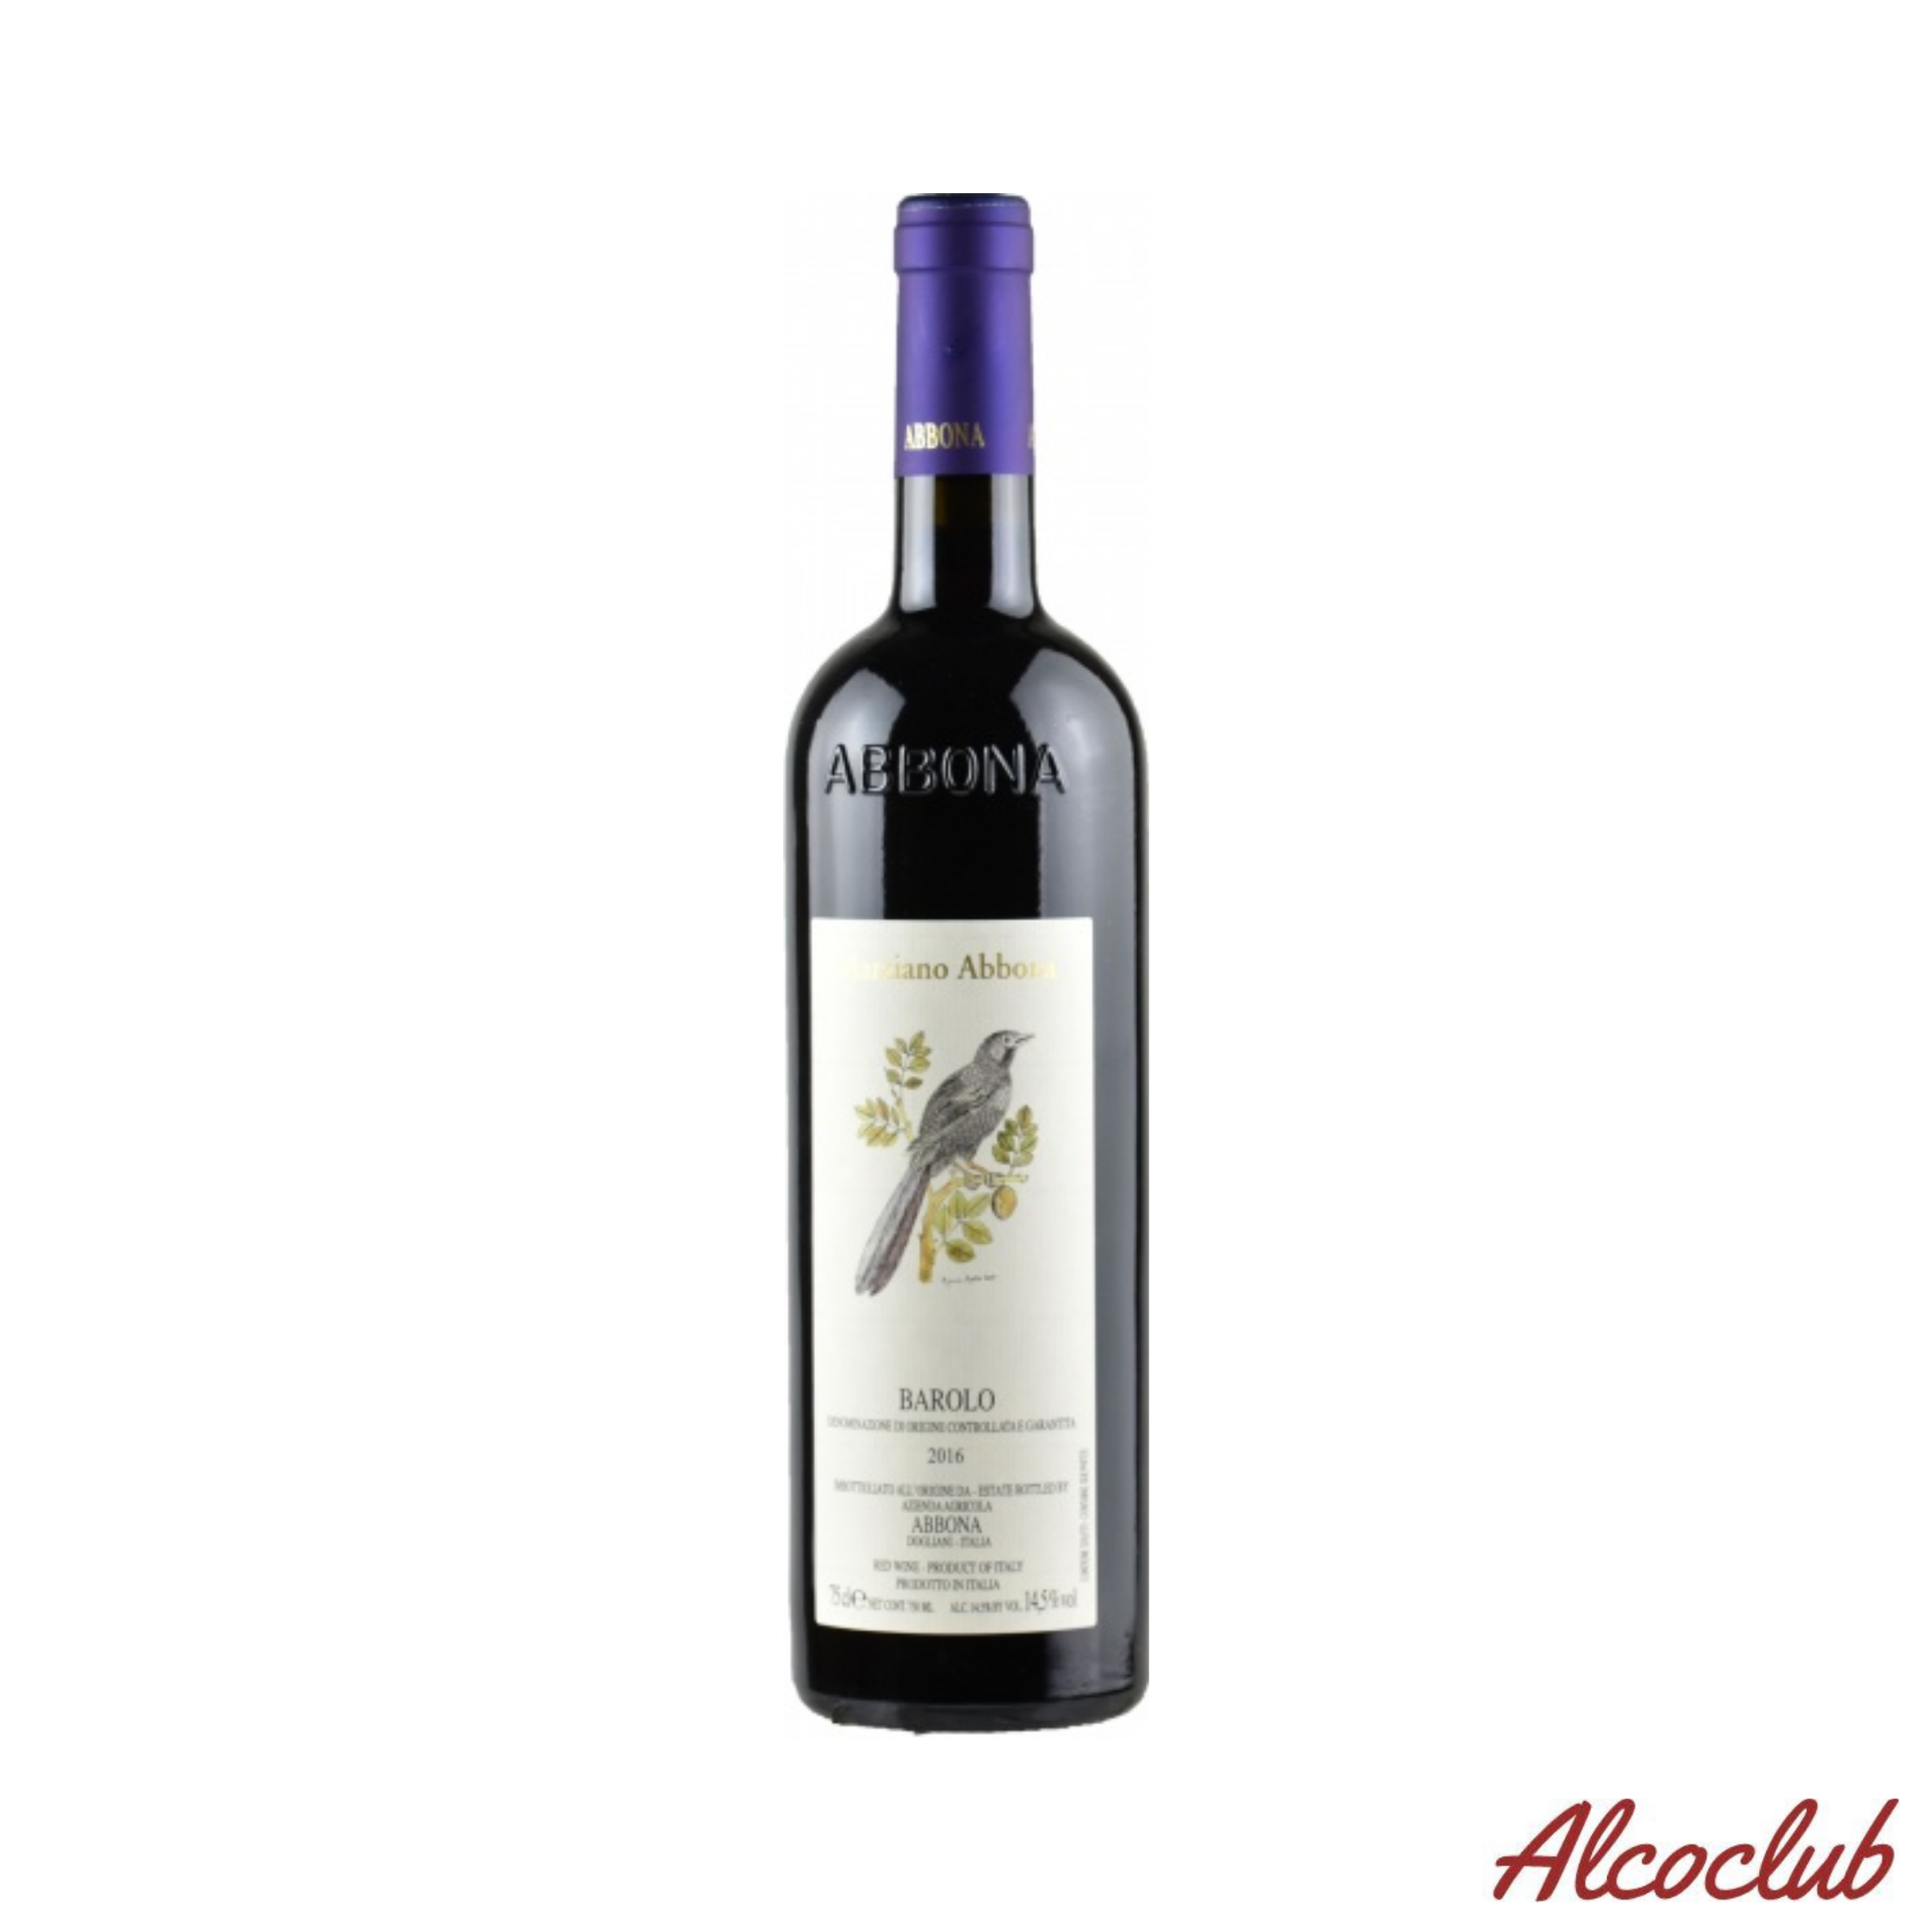 Заказать сухое вино Abbona Barolo DOCG 2016 Италия